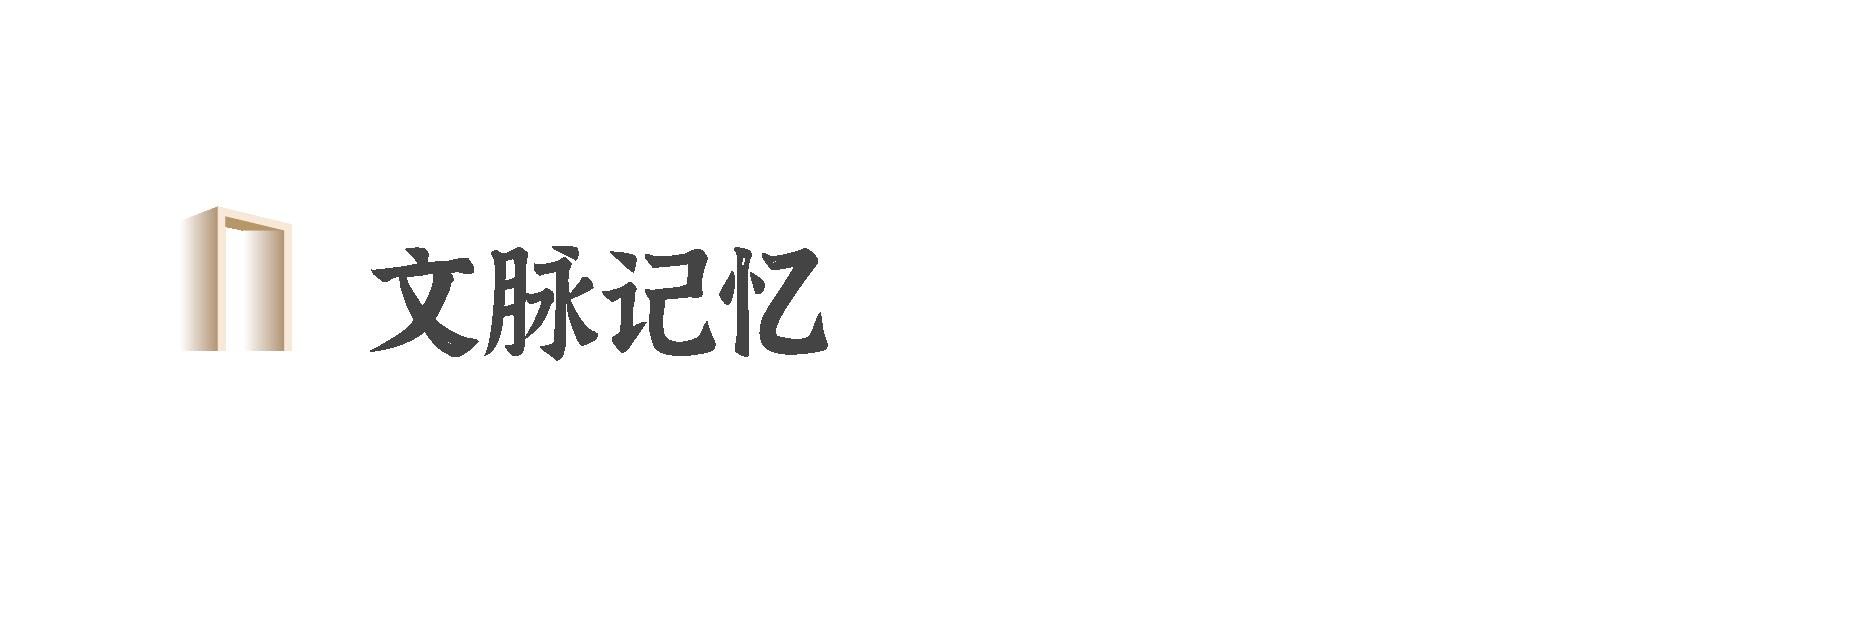 大主题-06.png